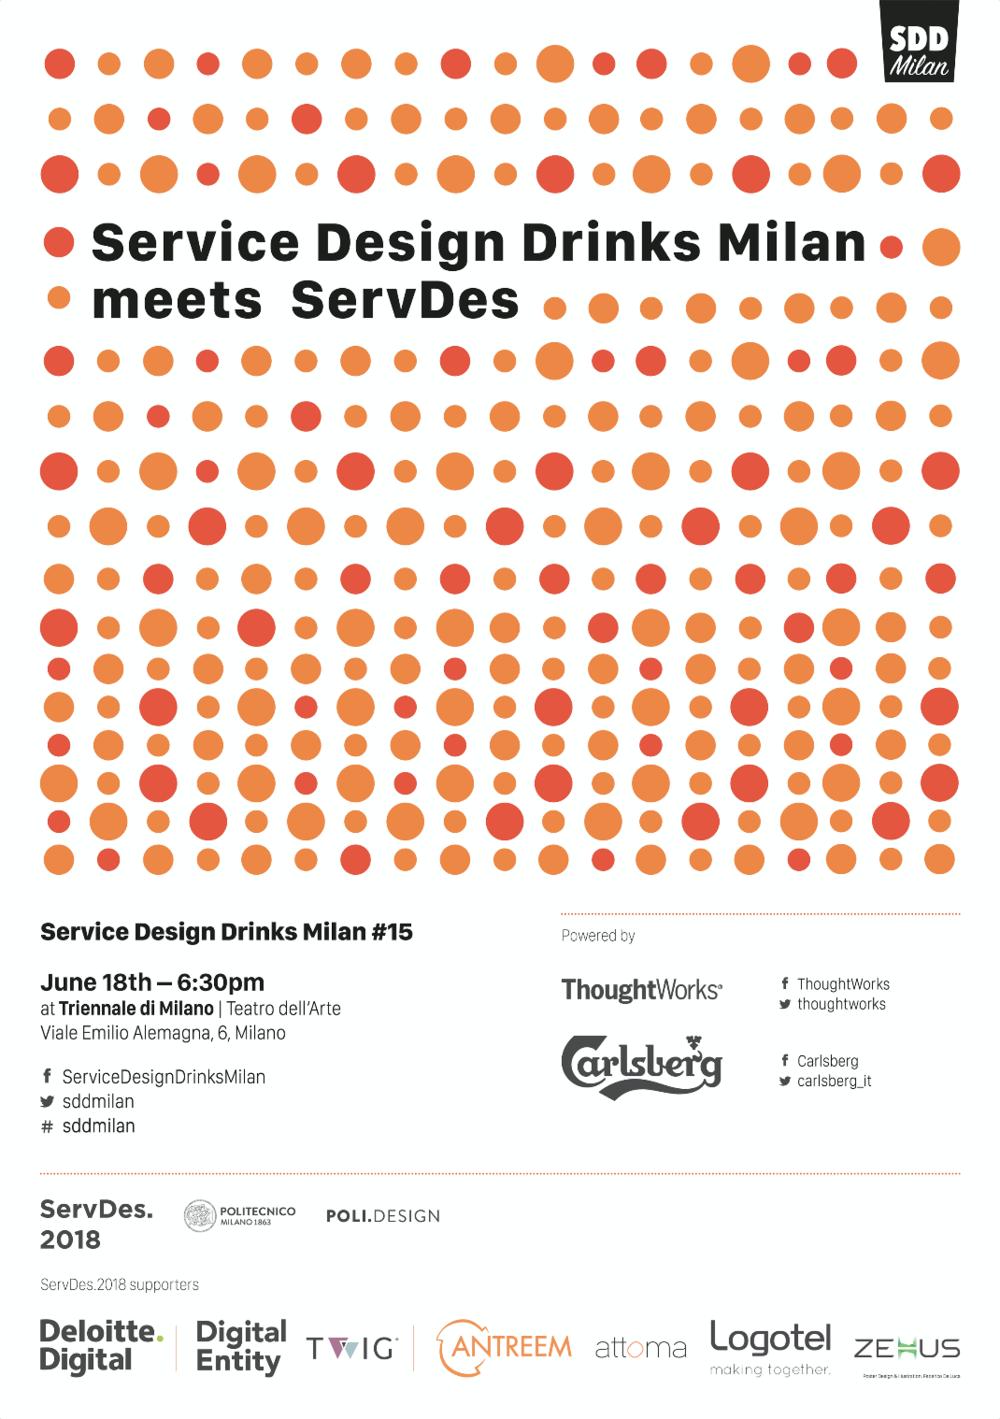 Service Design Drinks Milan #15 - Service Design Drinks Milan meets ServDes.png